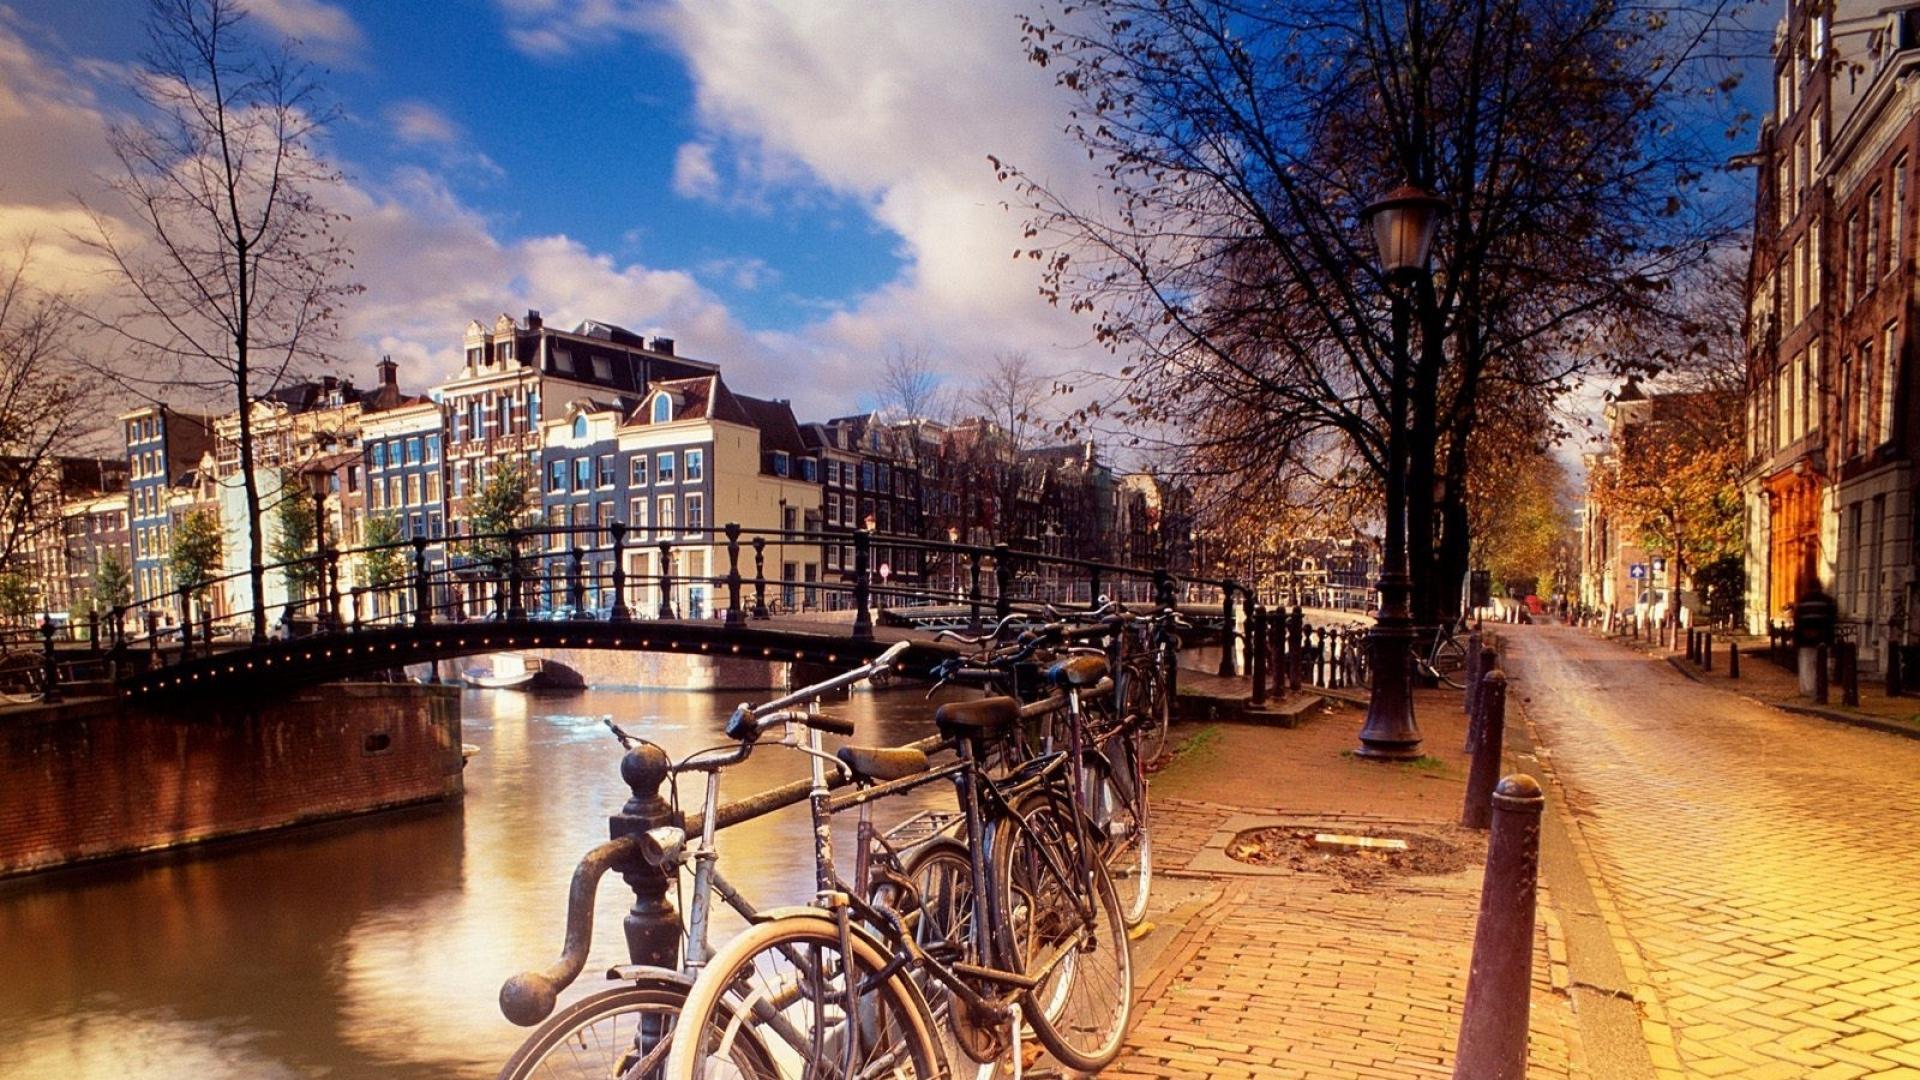 Hipster Fall Desktop Wallpaper Amsterdam Wallpaper Hd Pixelstalk Net